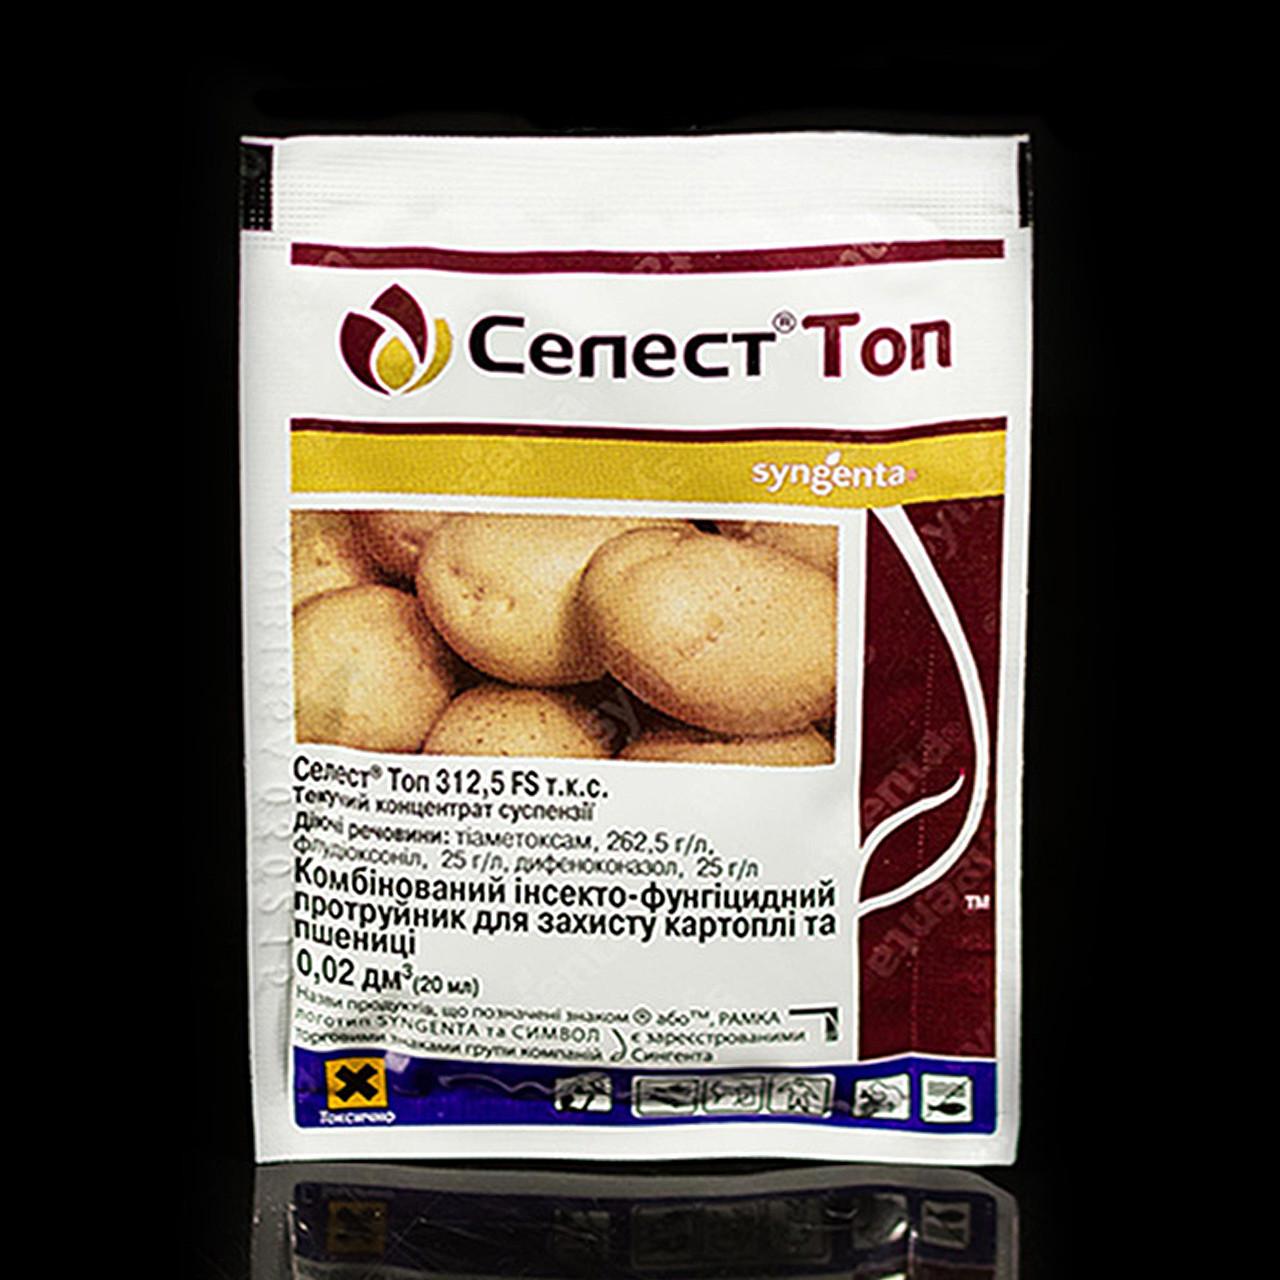 Селест Топ  20 мл, протравитель для защиты картошки и пшеницы(Протрав_селестТоп20)